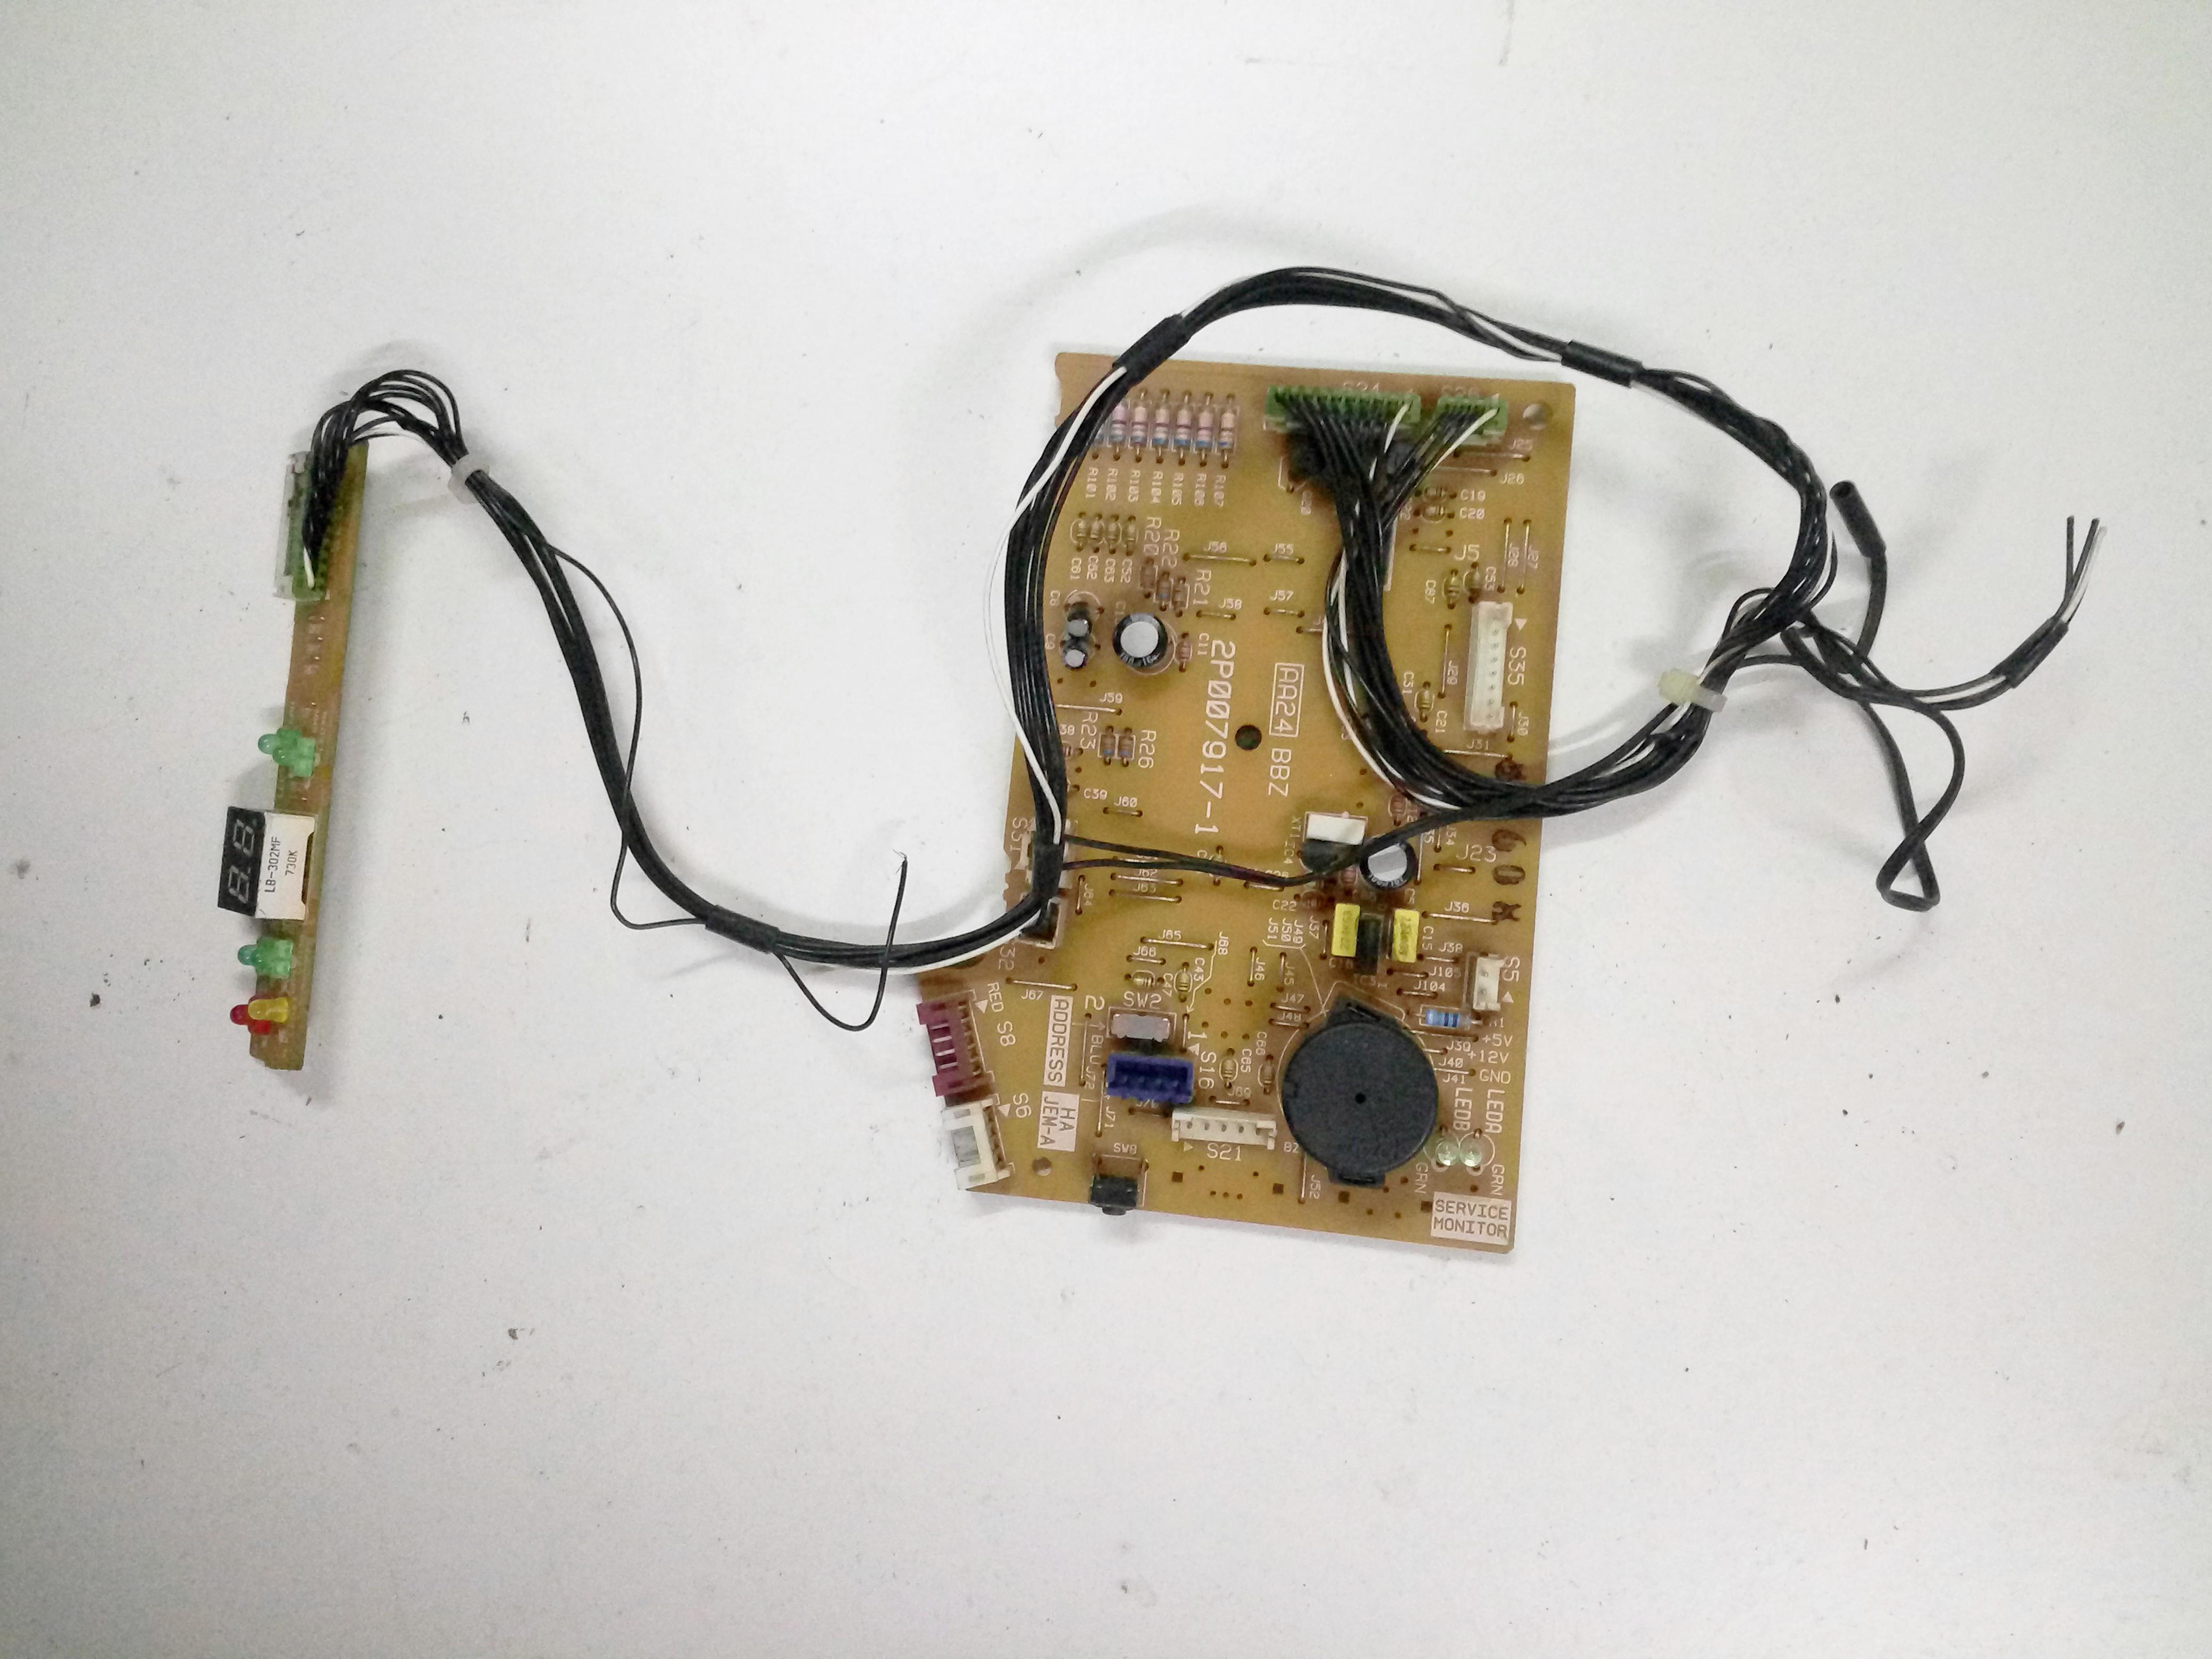 Daikin klimaanlagen die computer An Bord 2P007917-1 - Platte in der Original - zubehör